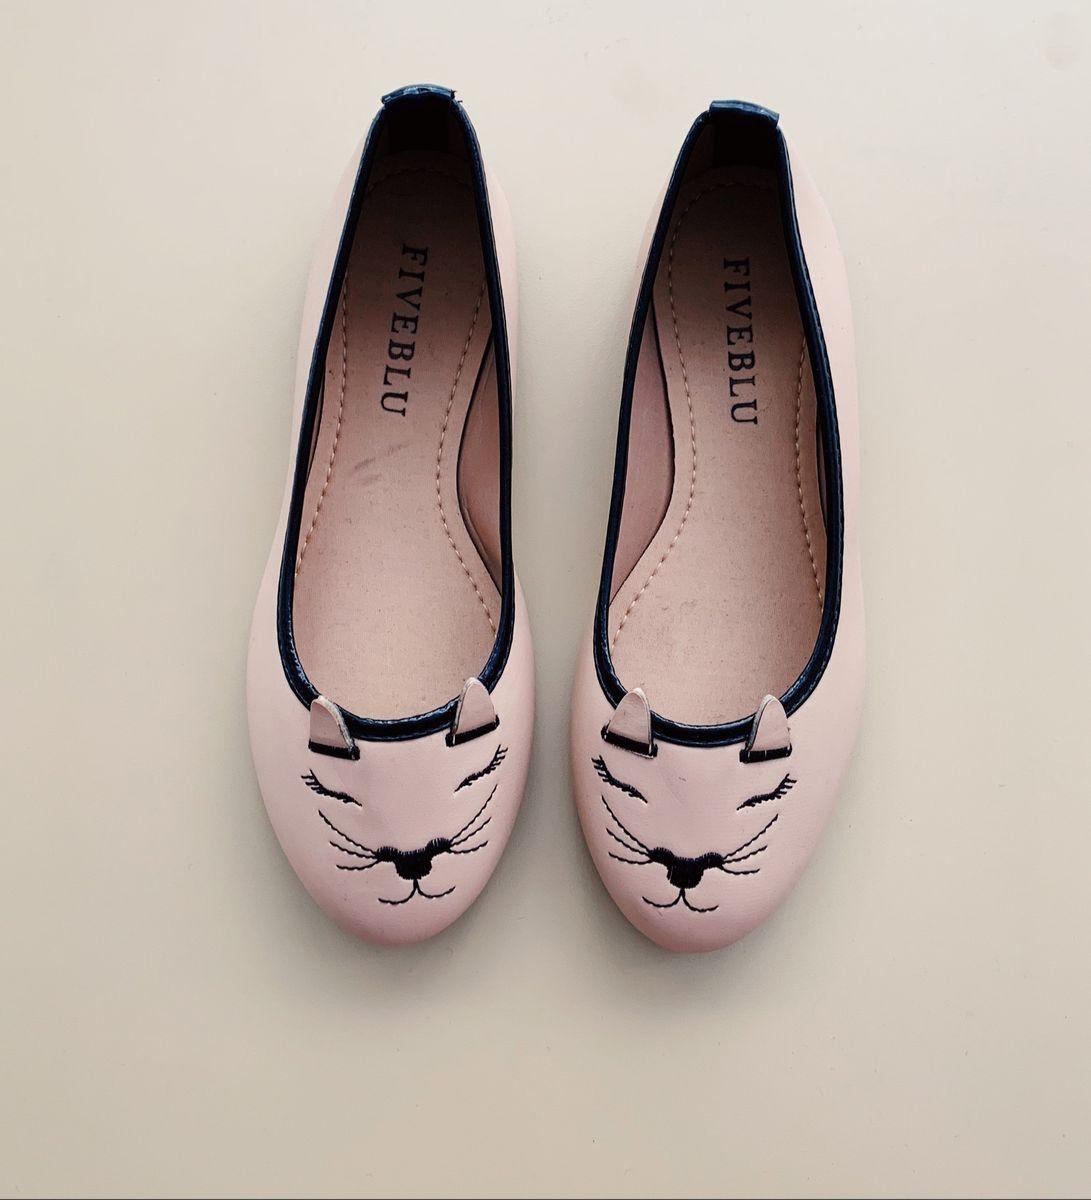 sapatilha de gatinho - sapatilha fiveblu